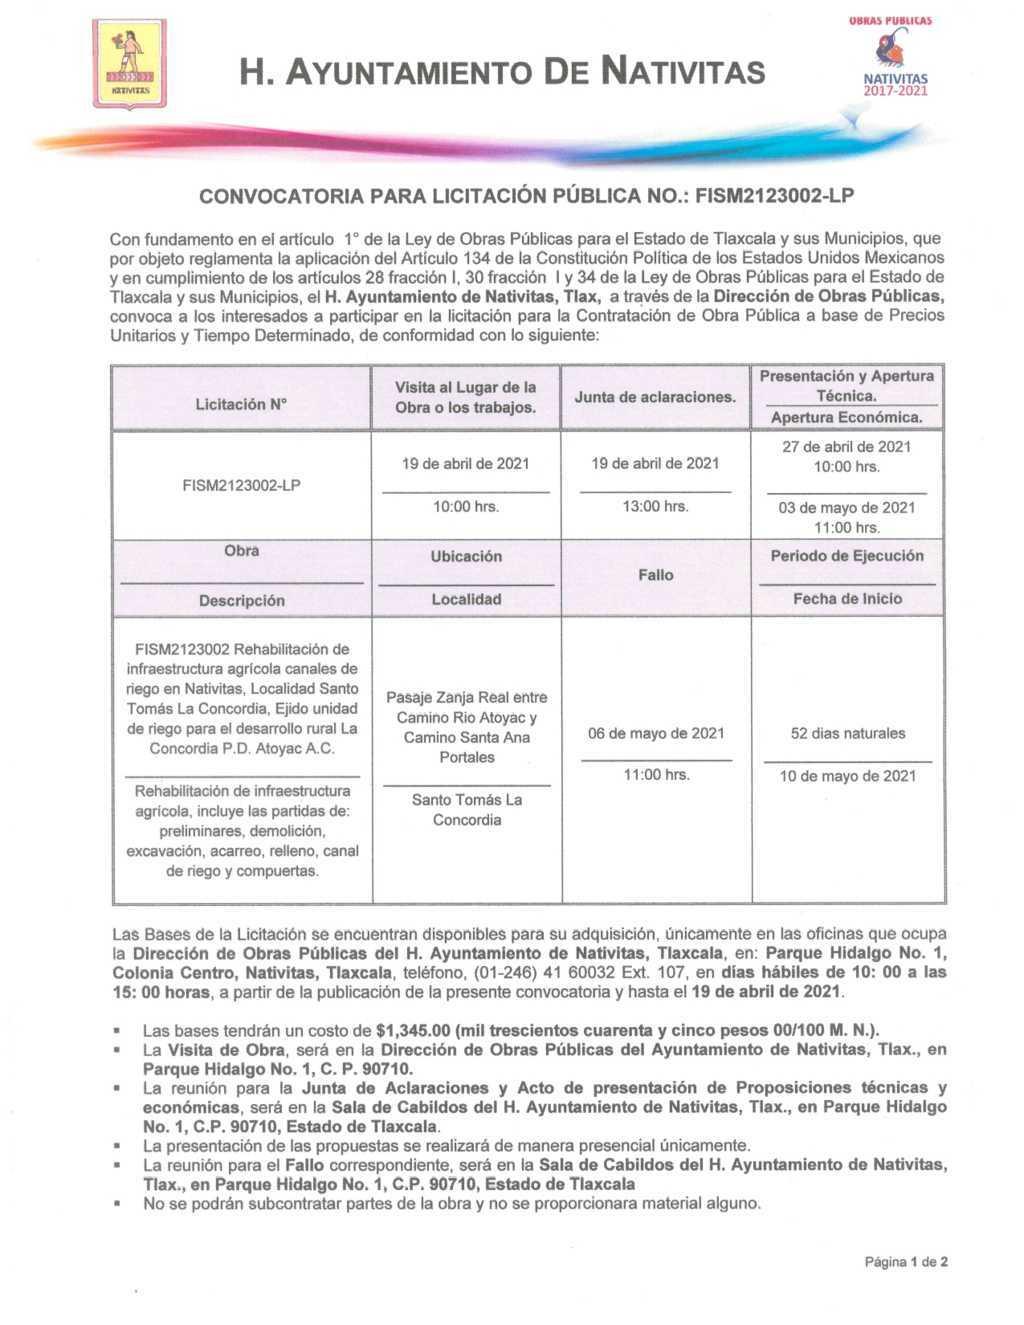 Convocatoria para licitación pública No. FISM2123002-LP en Nativitas